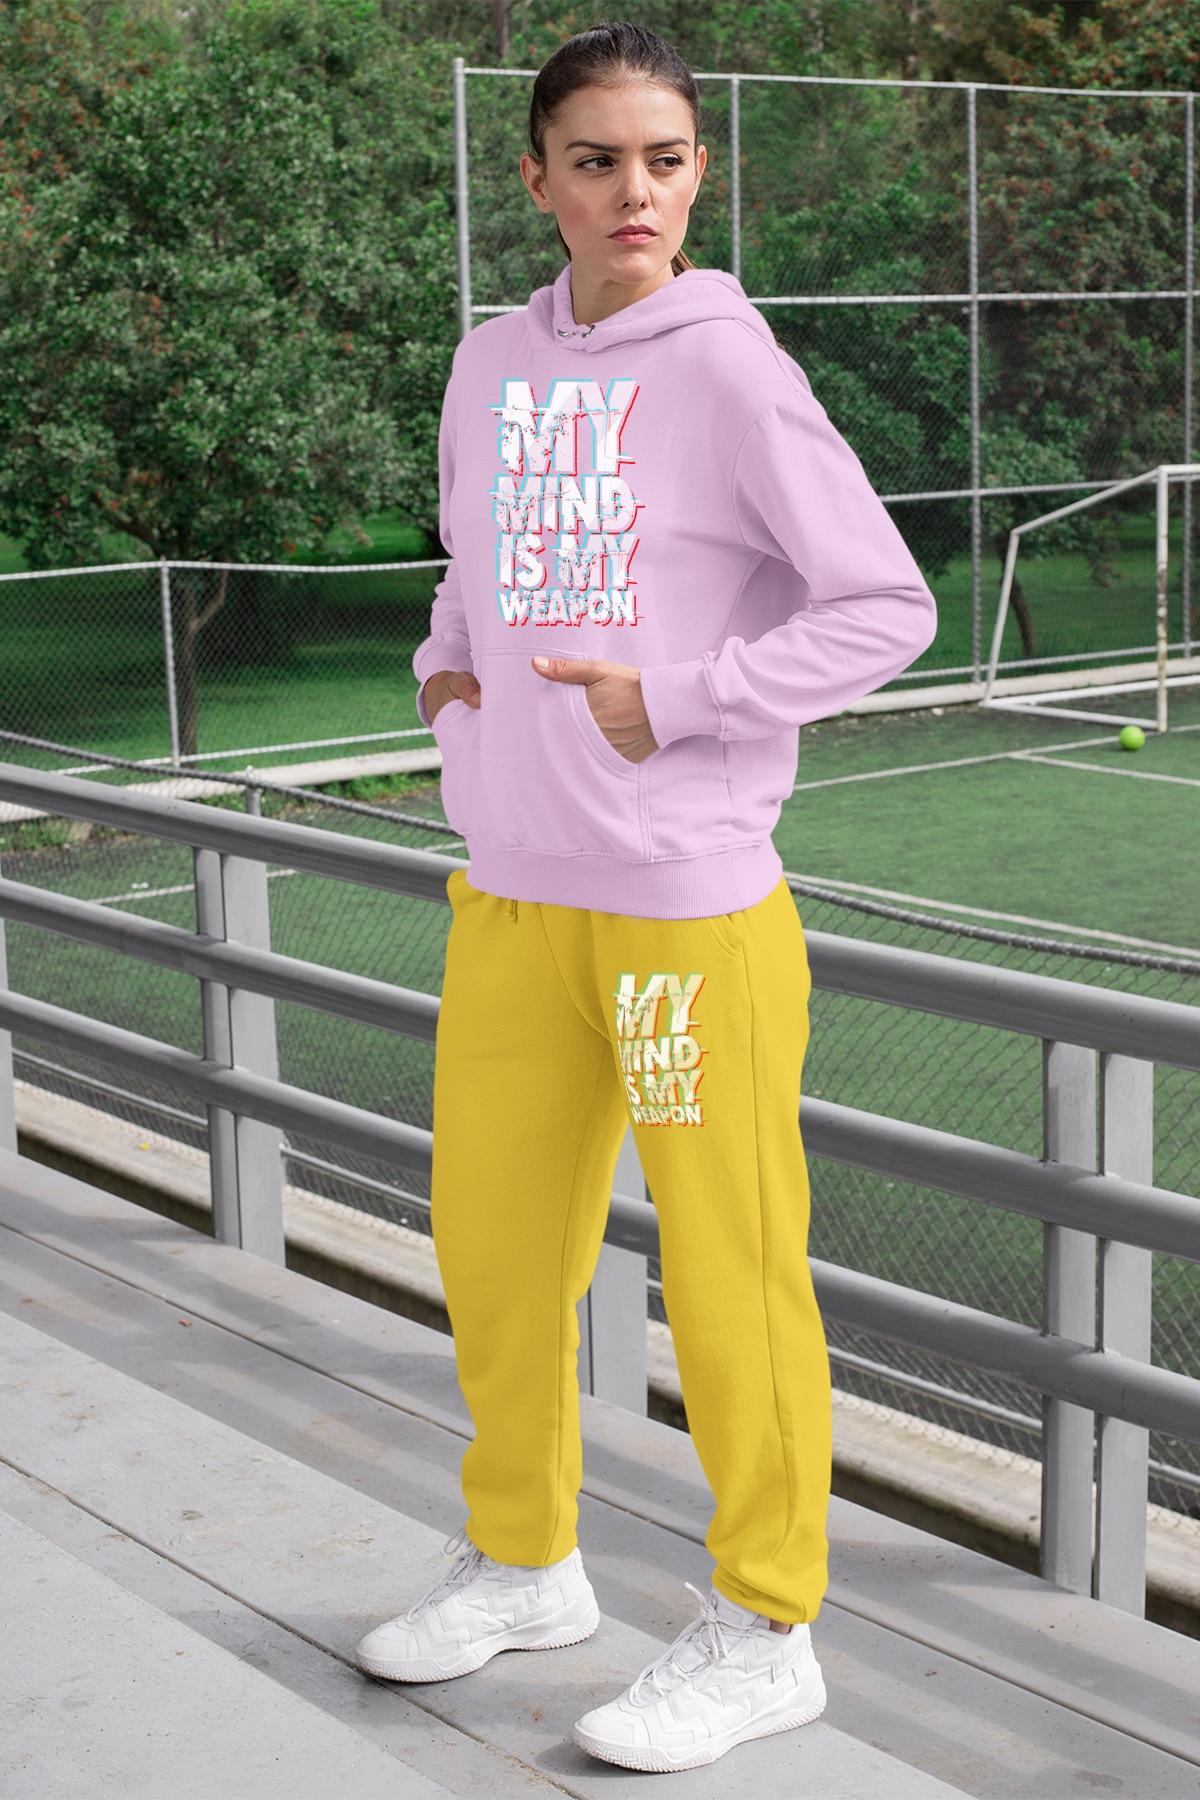 Angemiel usar minha mente é minha arma conjunto de treino feminino rosa com capuz moletom moletom amarelo